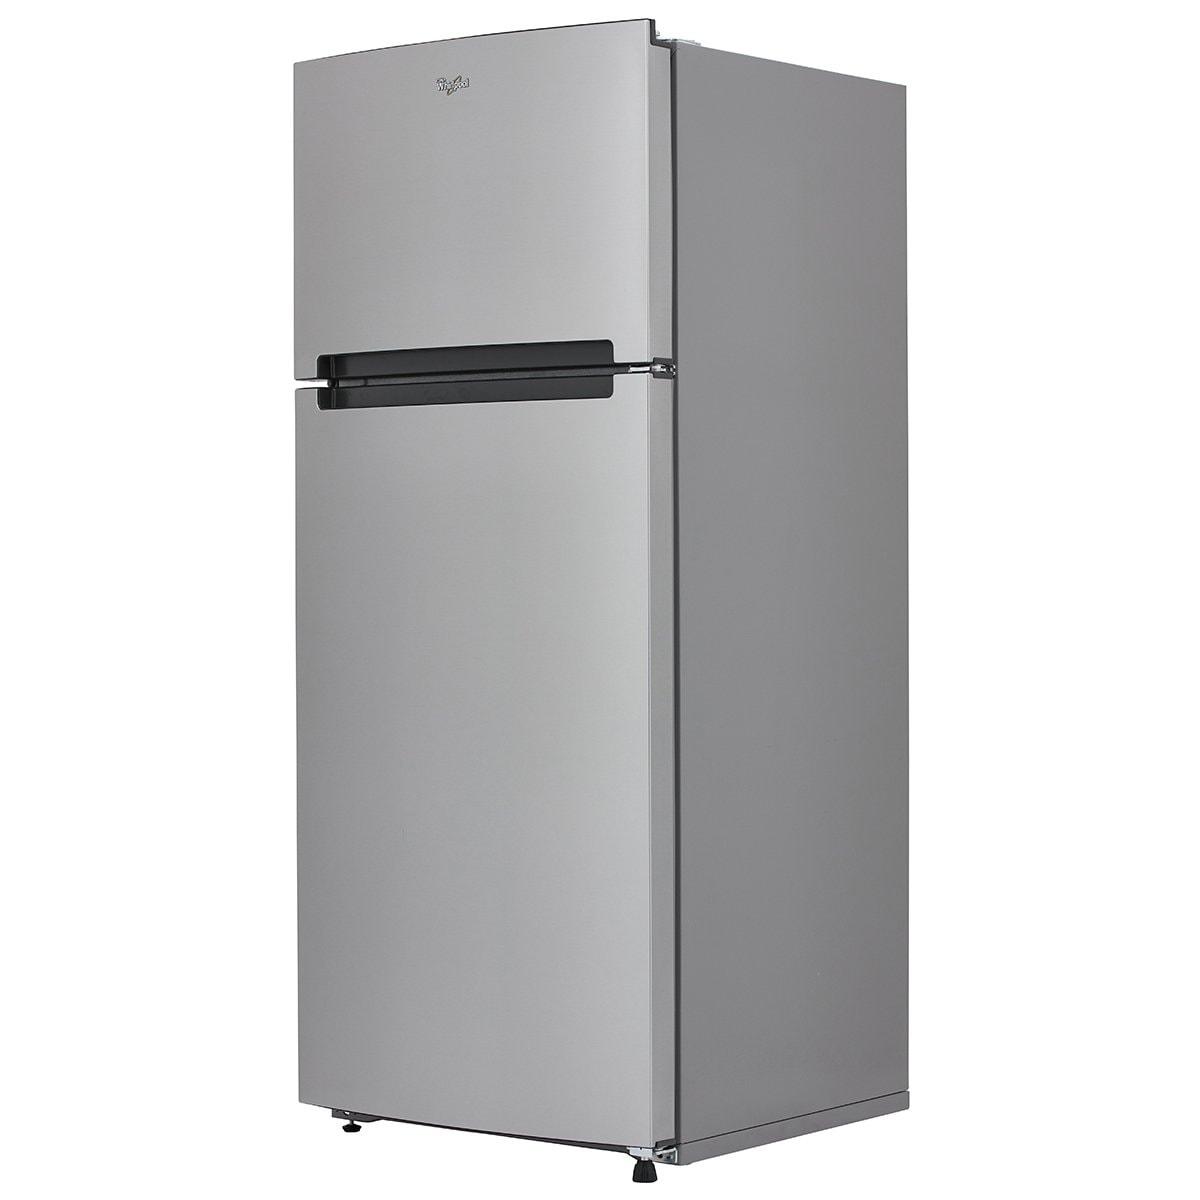 Refrigerador 2 Puertas 18 P3 Silver Whirlpool